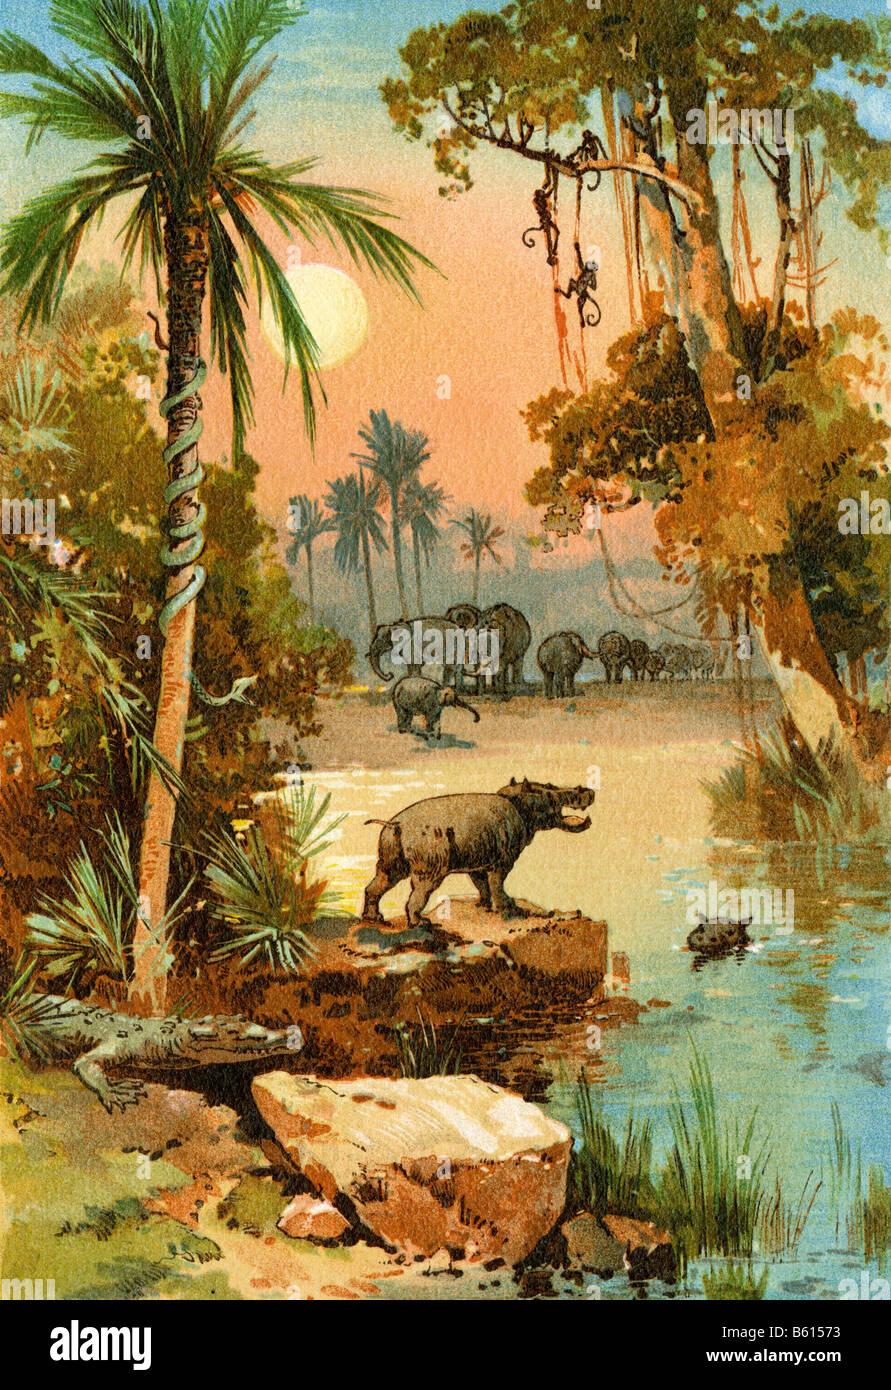 Gli elefanti e gli ippopotami lungo il fiume Congo. Litografia a colori Immagini Stock